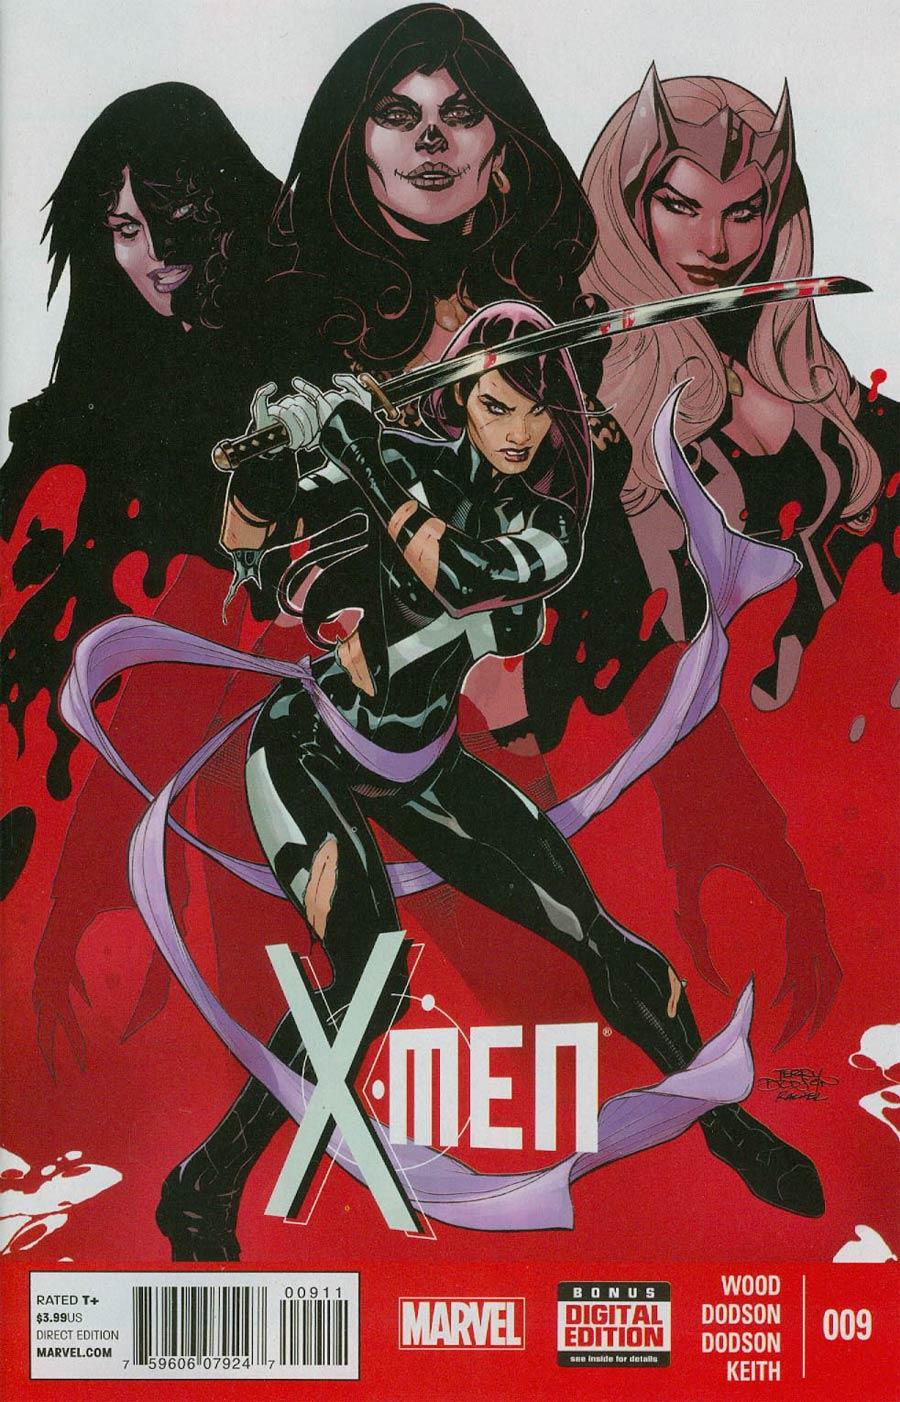 X-Men Vol 4 #9